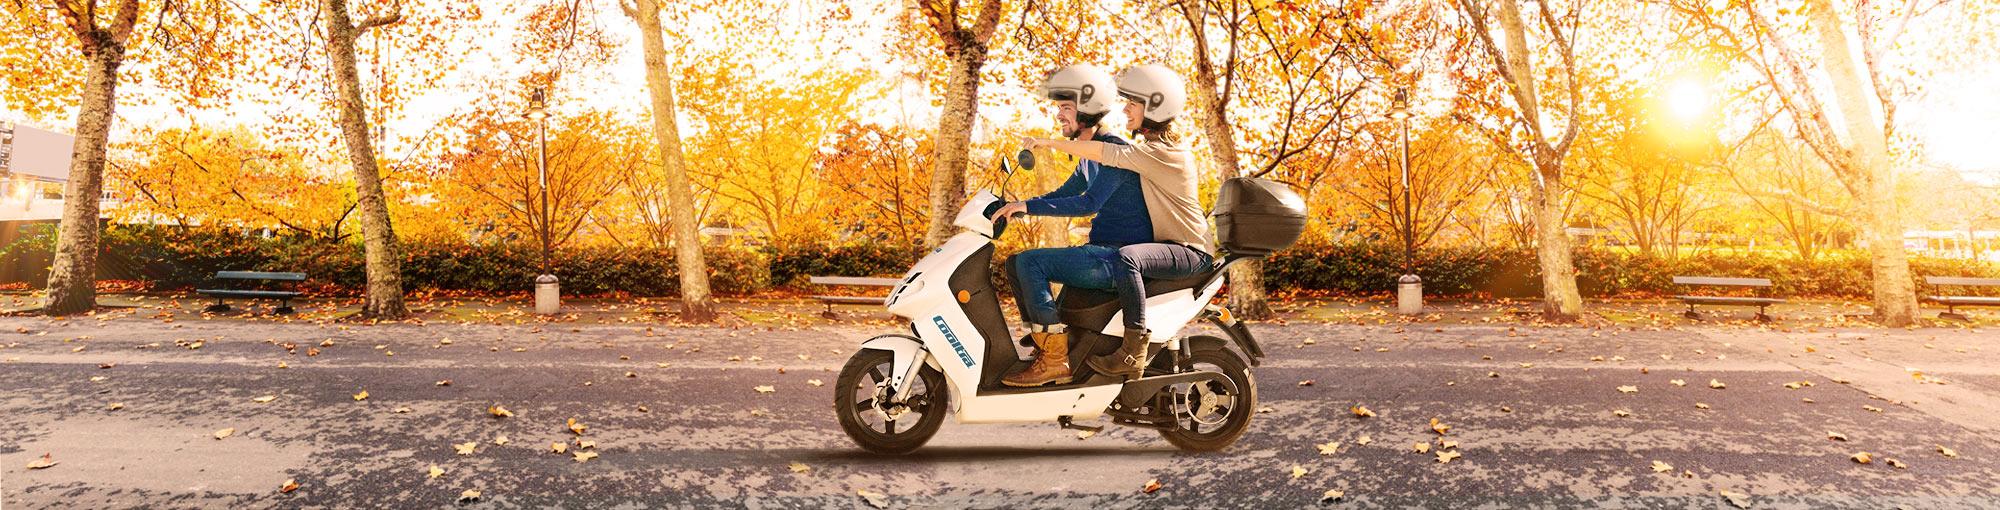 cooltra alquiler de motos y scooter de gasolina y eléctricas